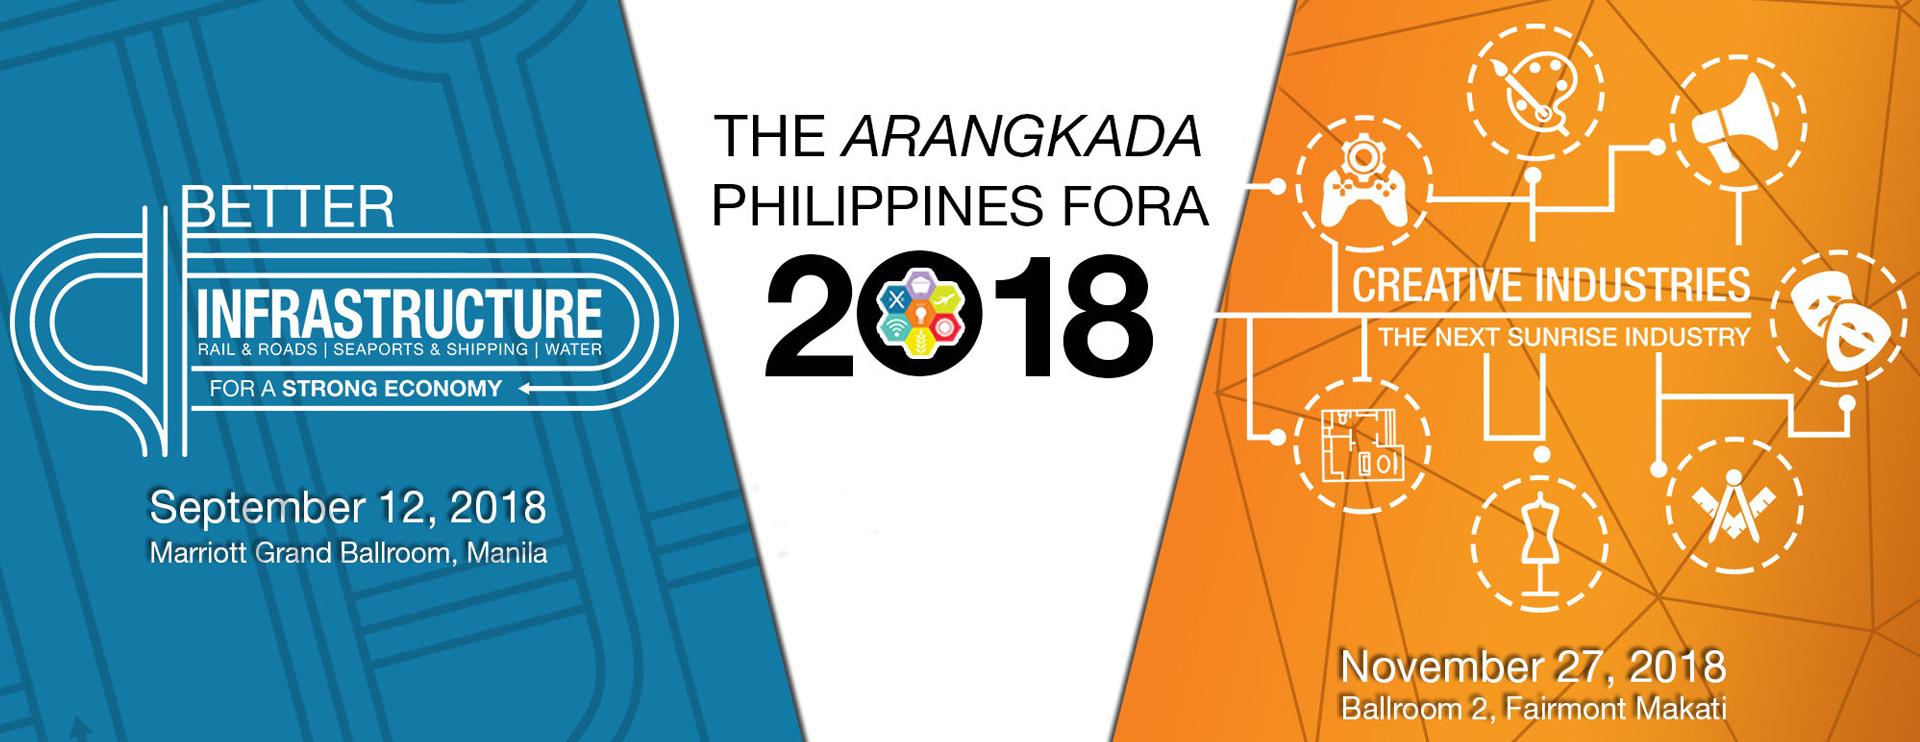 The Arangkada Fora 2018